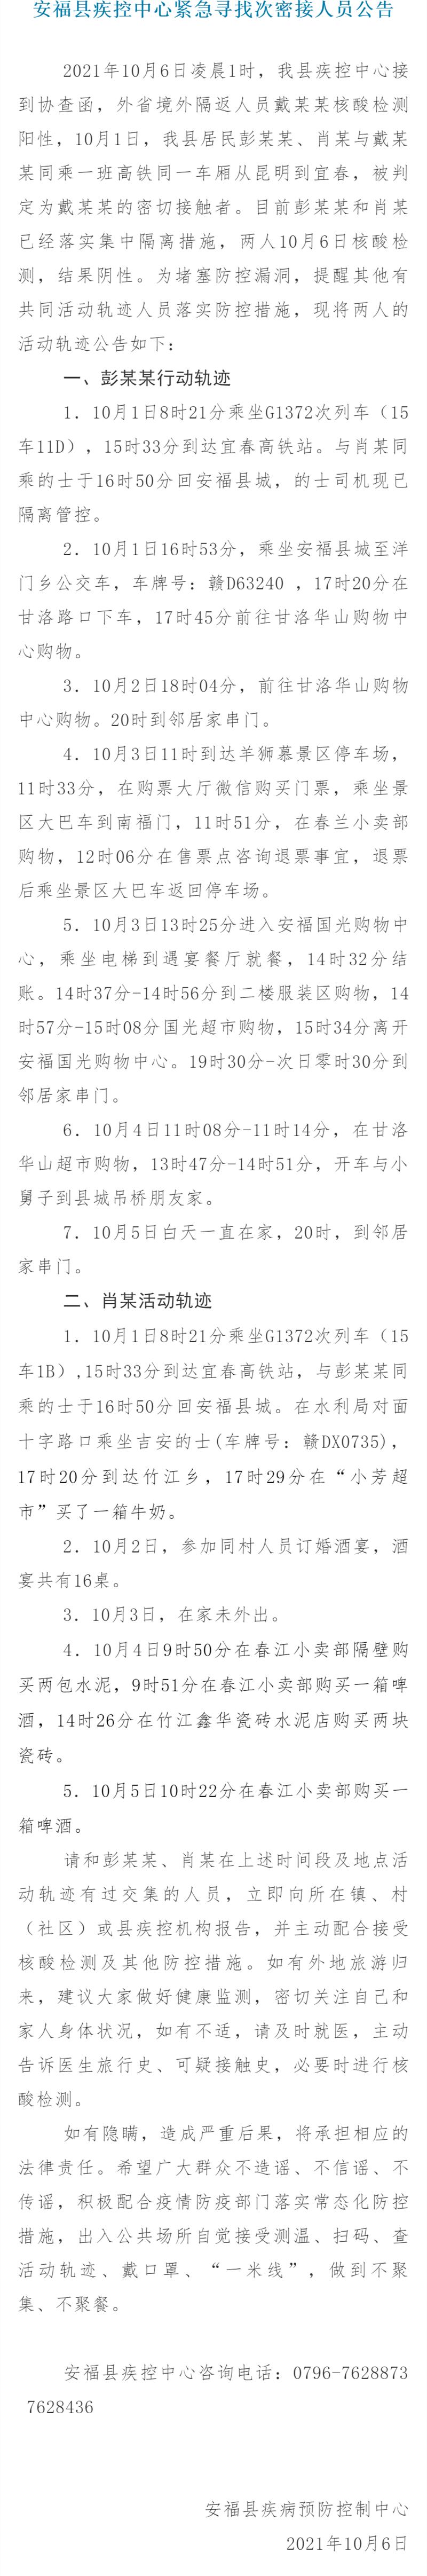 江西安福紧急寻找次密接人员 公布两名密切接触者行动轨迹